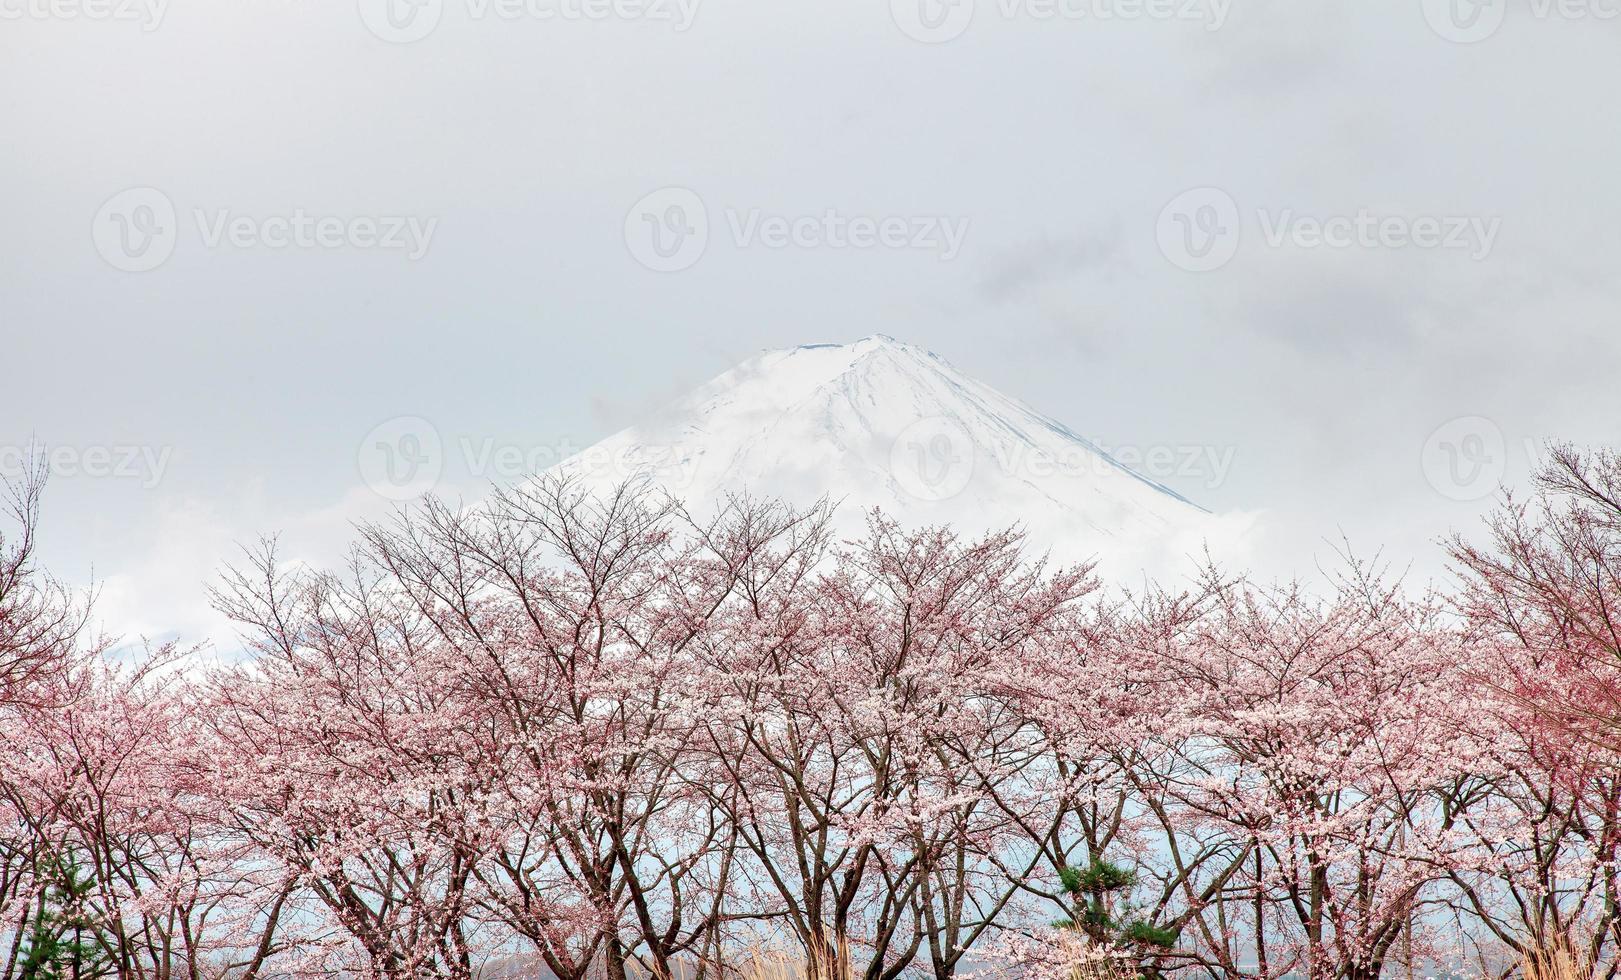 ญink cherry blossom tree in spring Kawaguchi lake, Japan photo